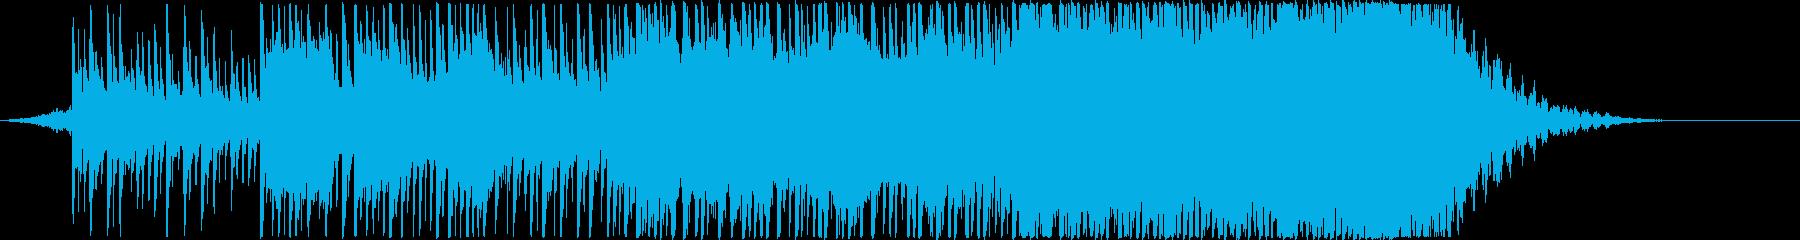 モダン テクノ 現代的 交響曲 エ...の再生済みの波形